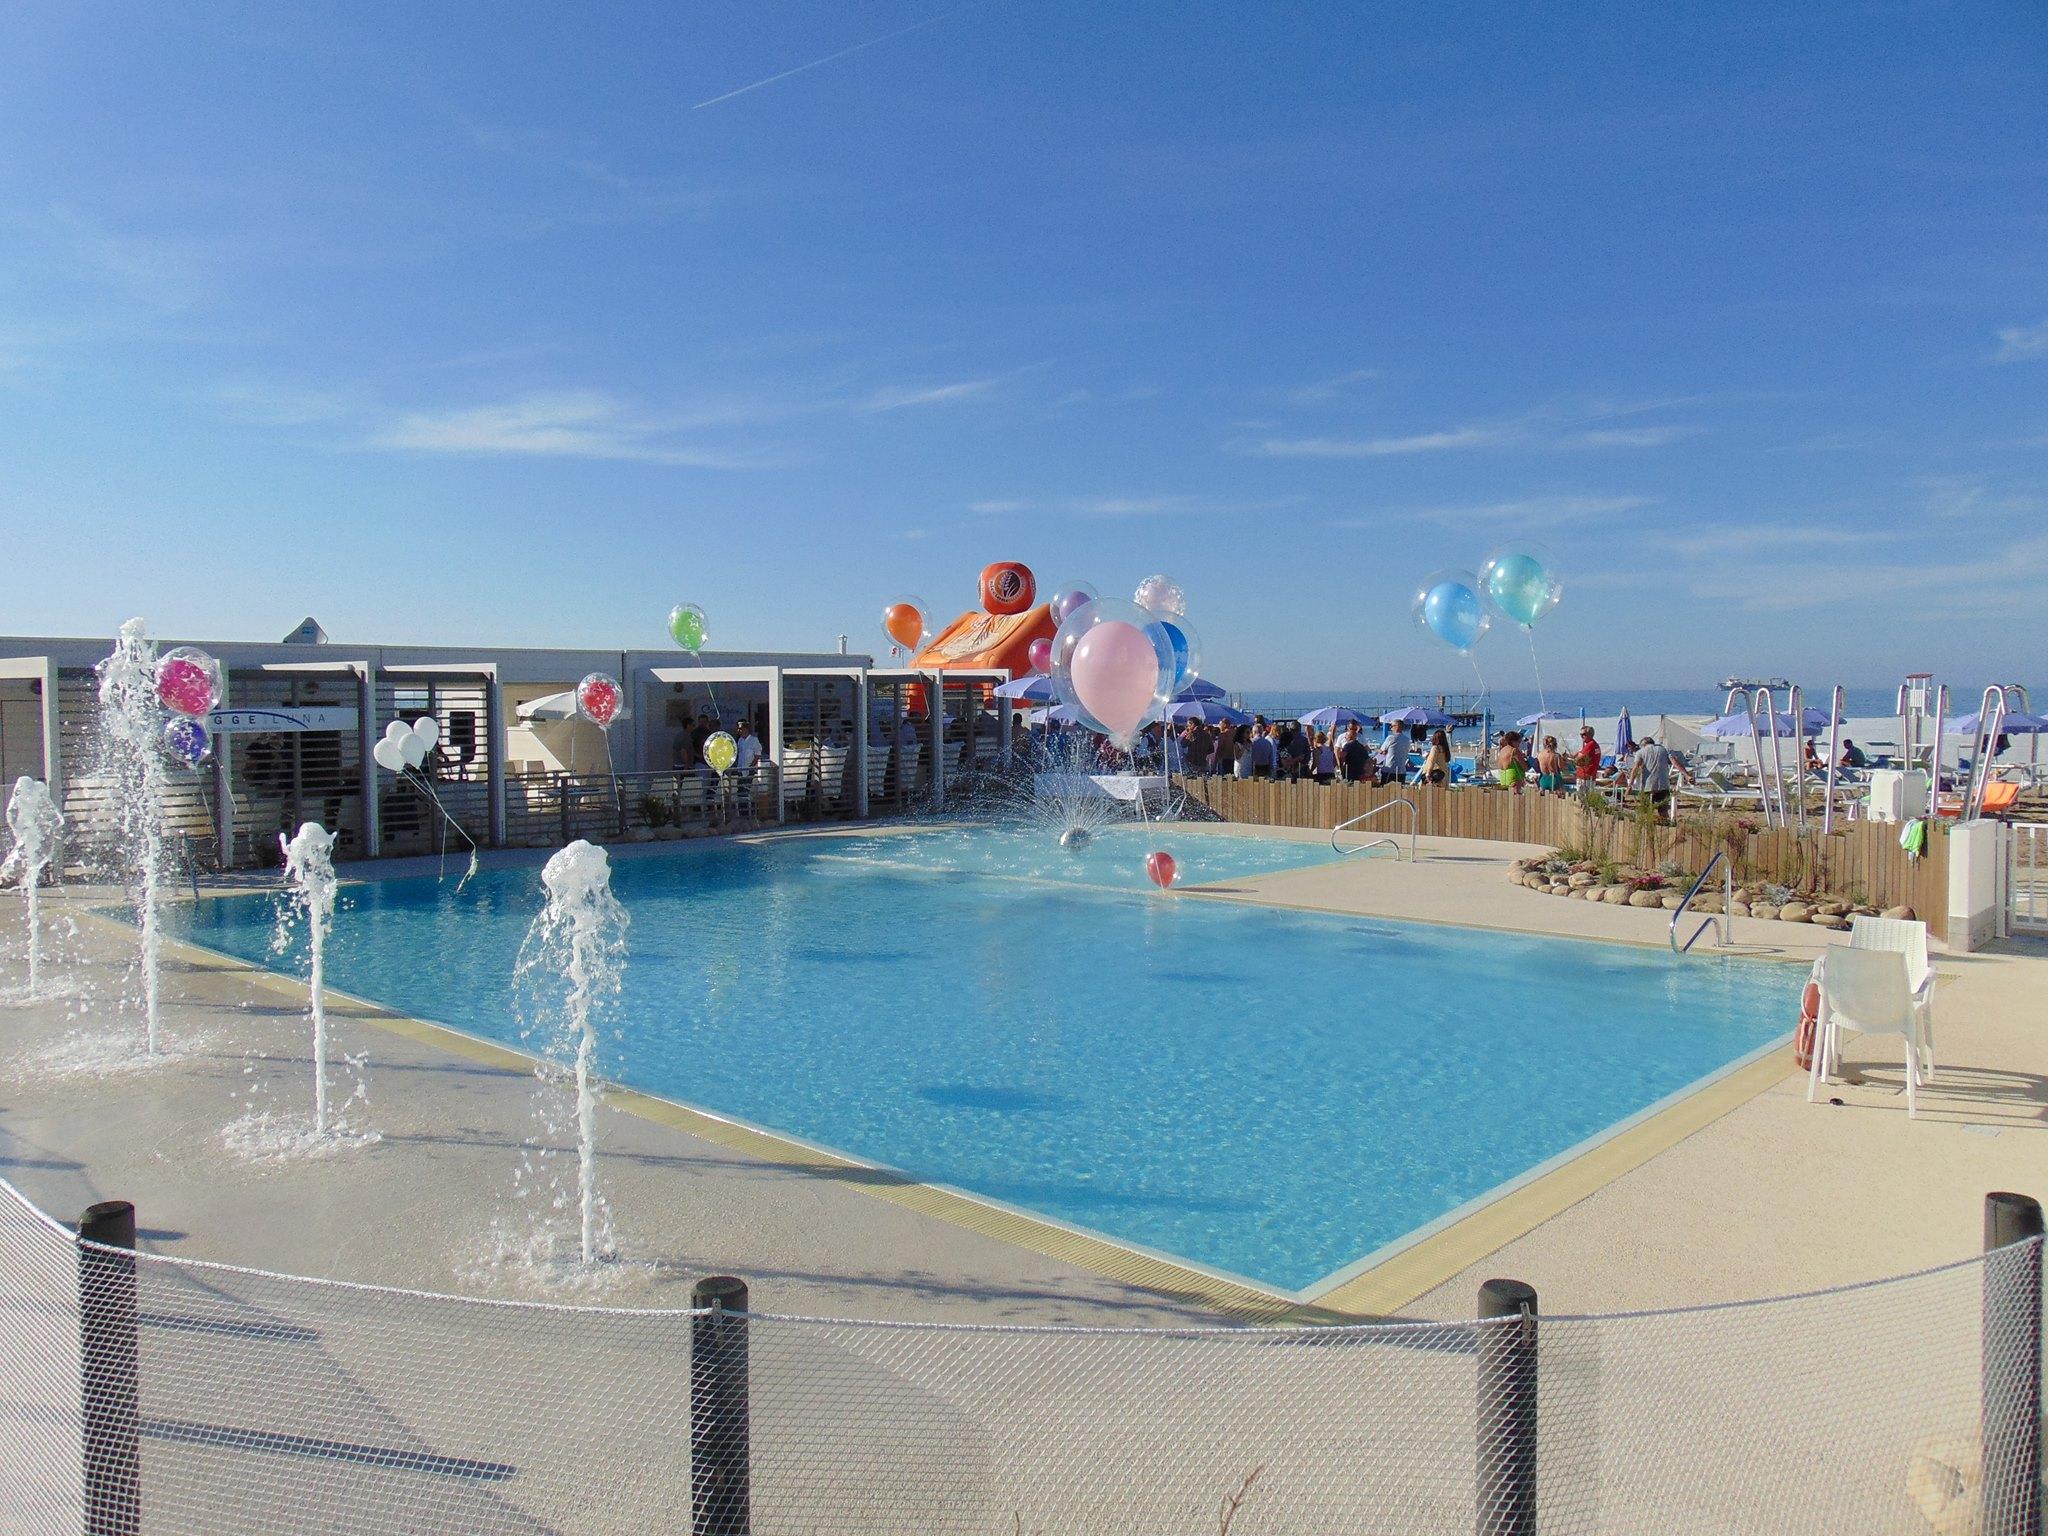 Le Spiagge Della Luna 28-29-30